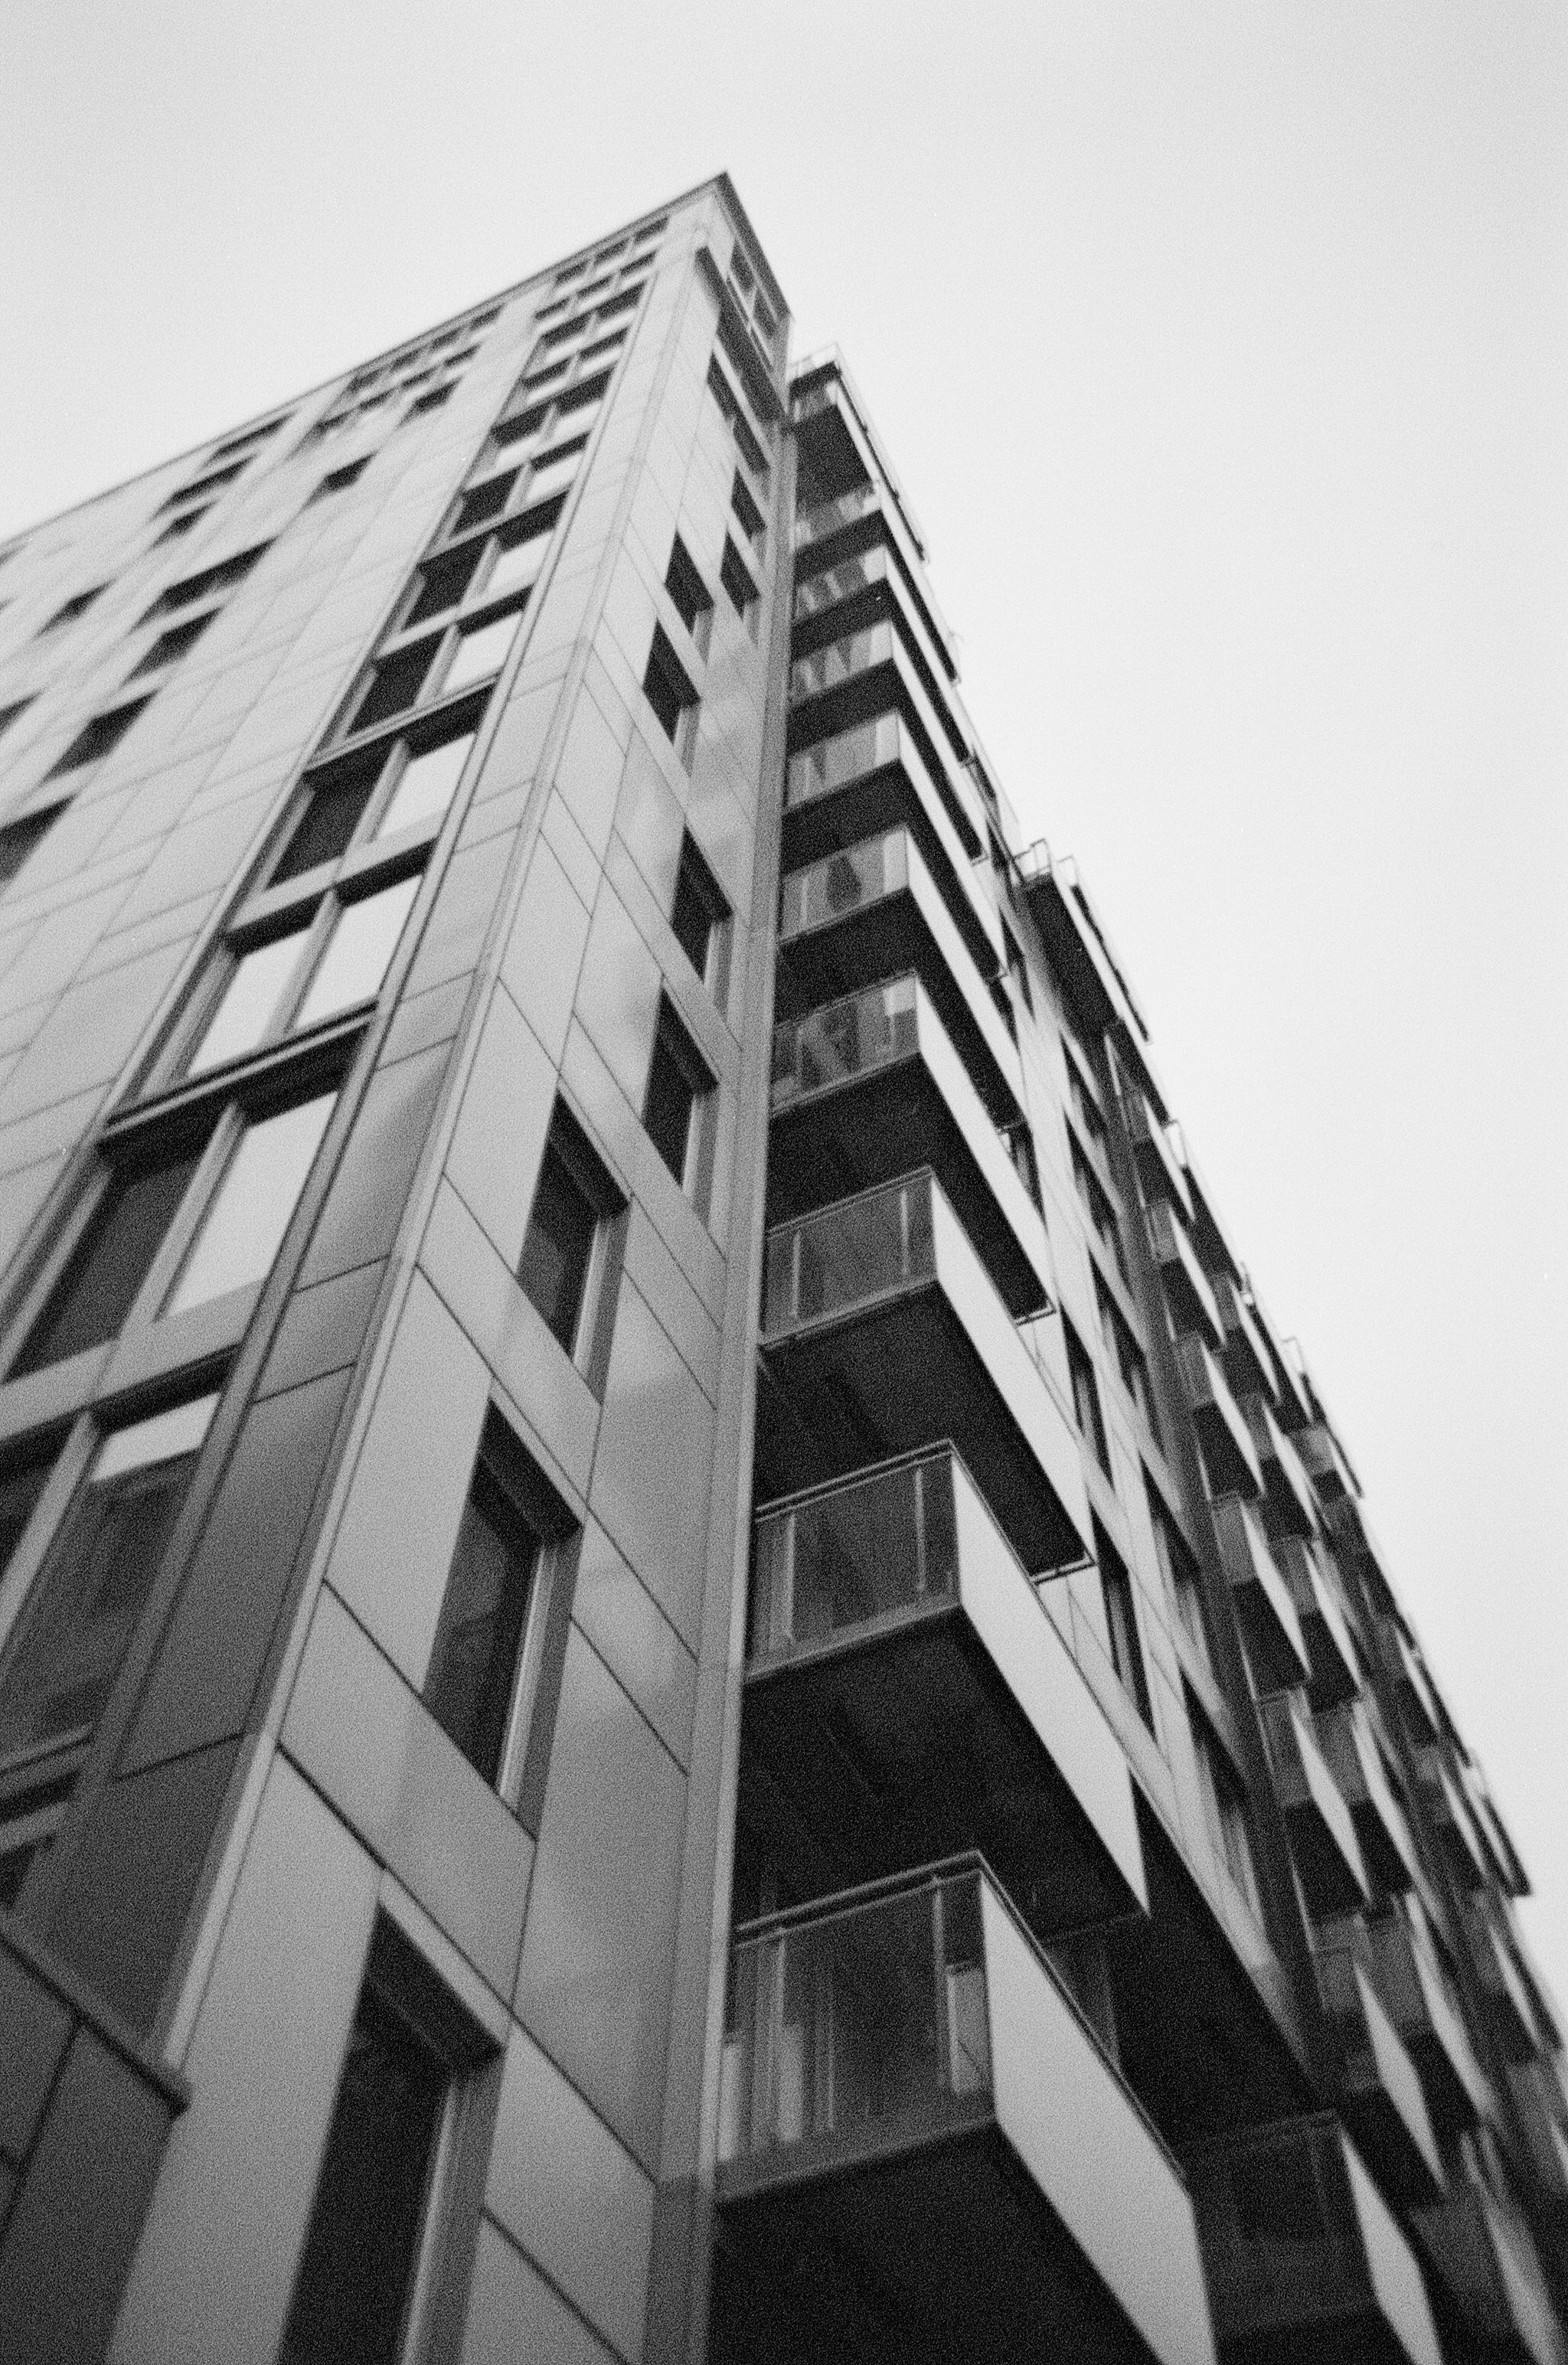 Downtown - Ilford XP2